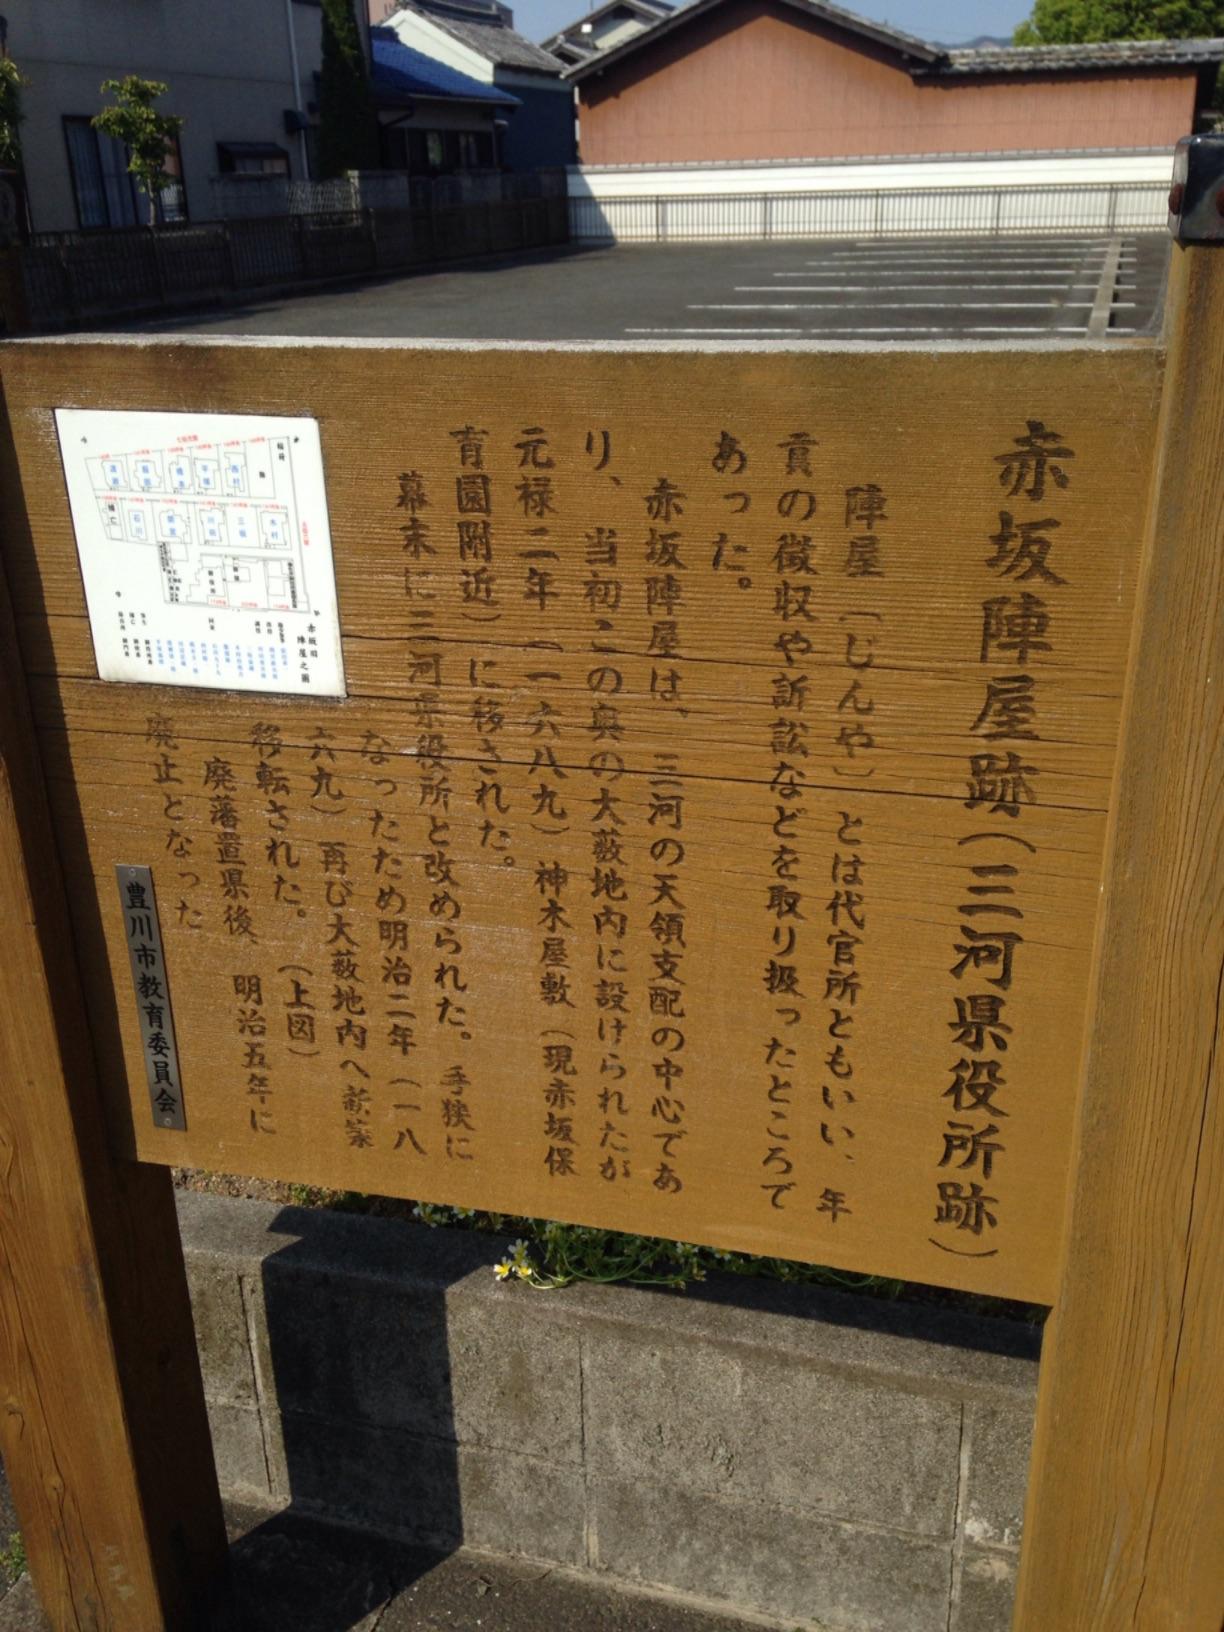 赤坂陣屋跡(三河県役所跡) - M...